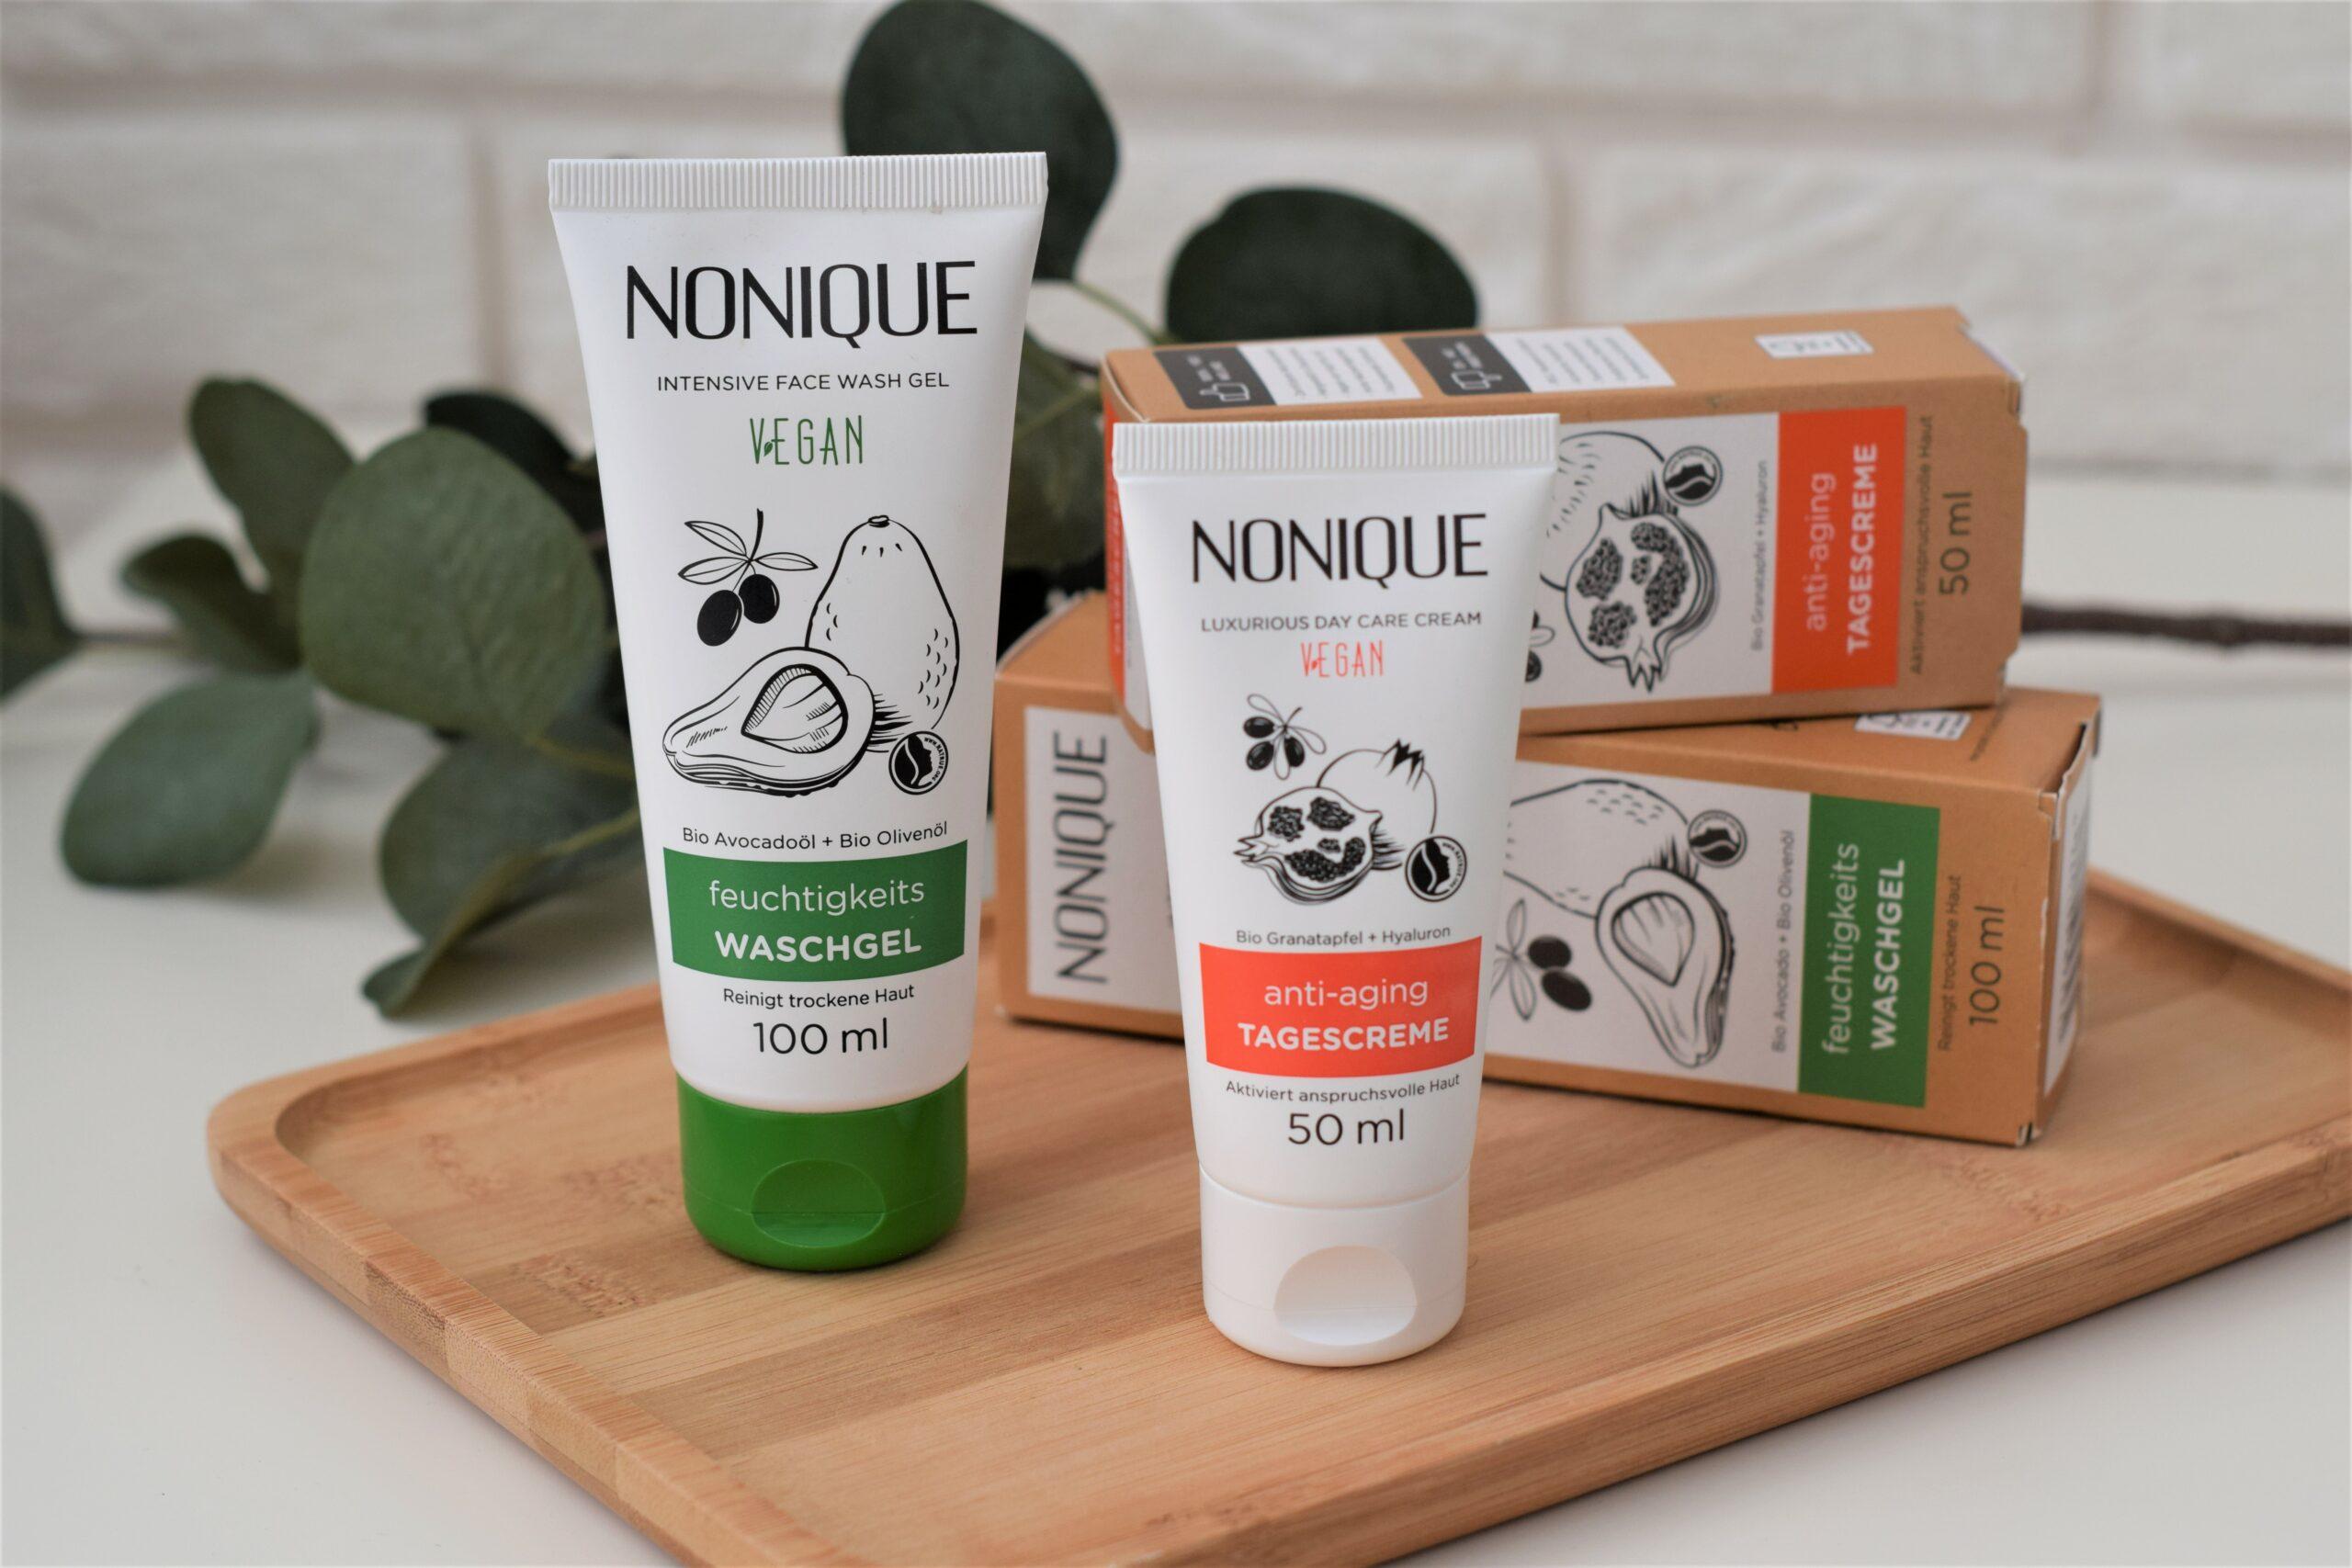 NONIQUE – Nawilżający żel do mycia twarzy i Luksusowy przeciwzmarszczkowy krem na dzień – recenzja